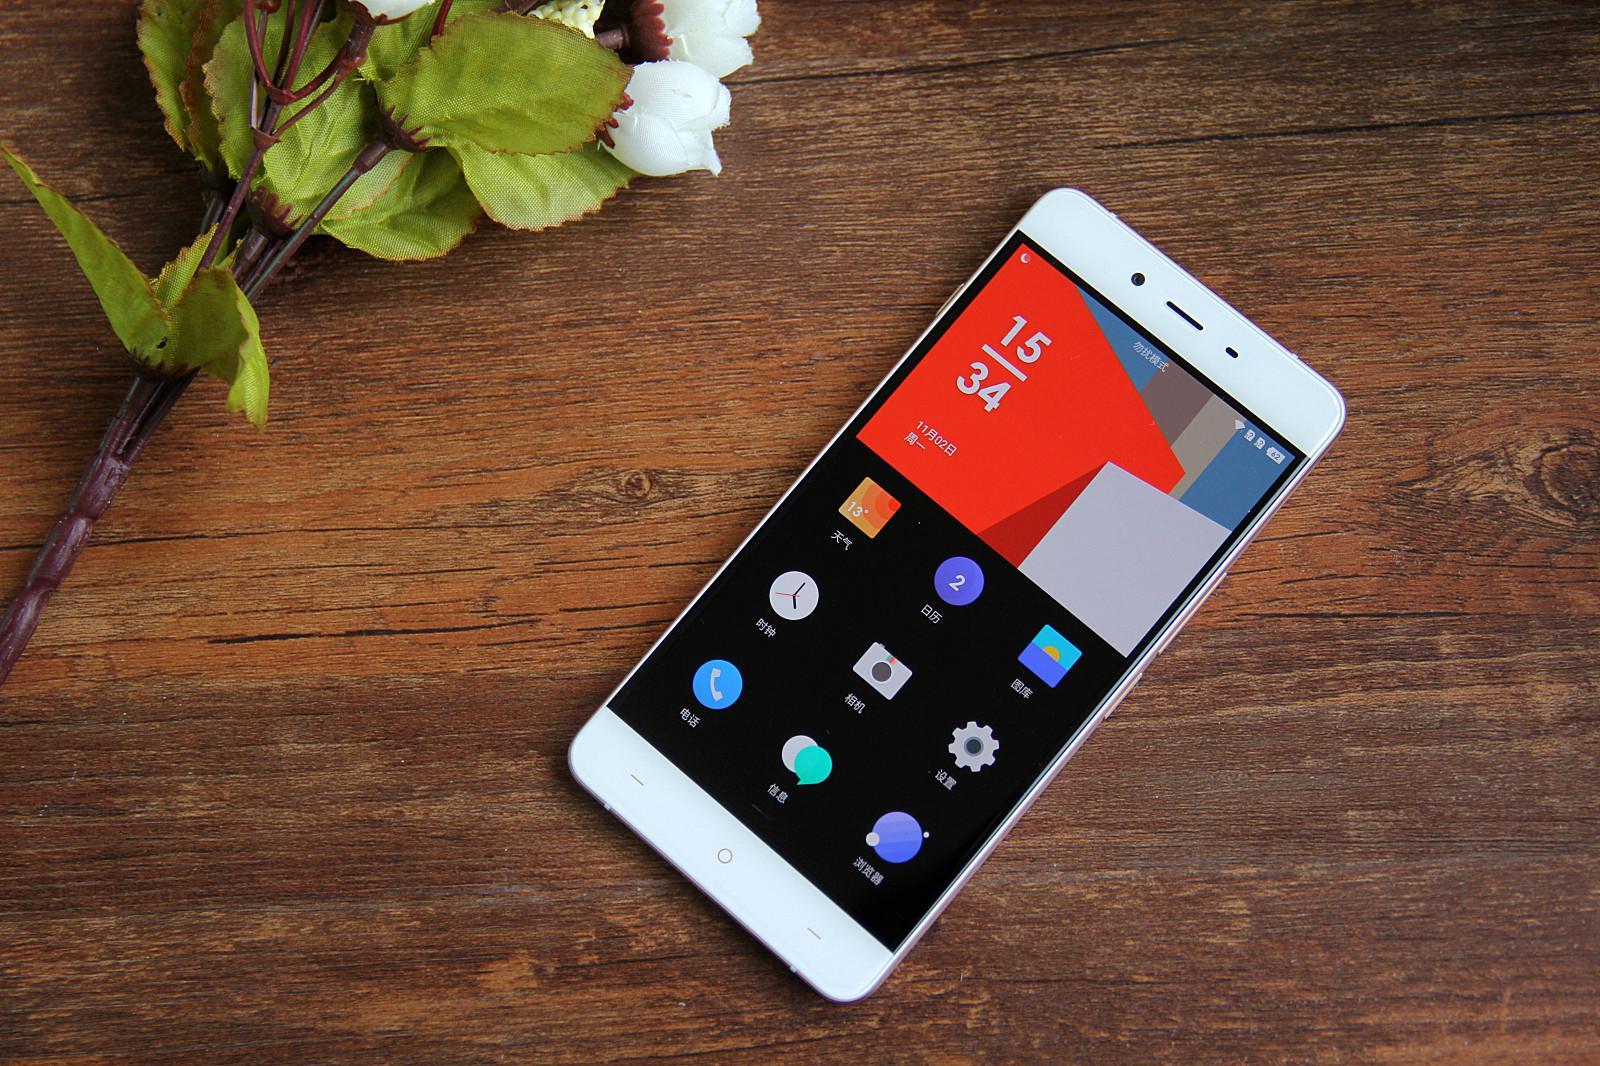 一加手机x测评 为颜值而生的小屏手机